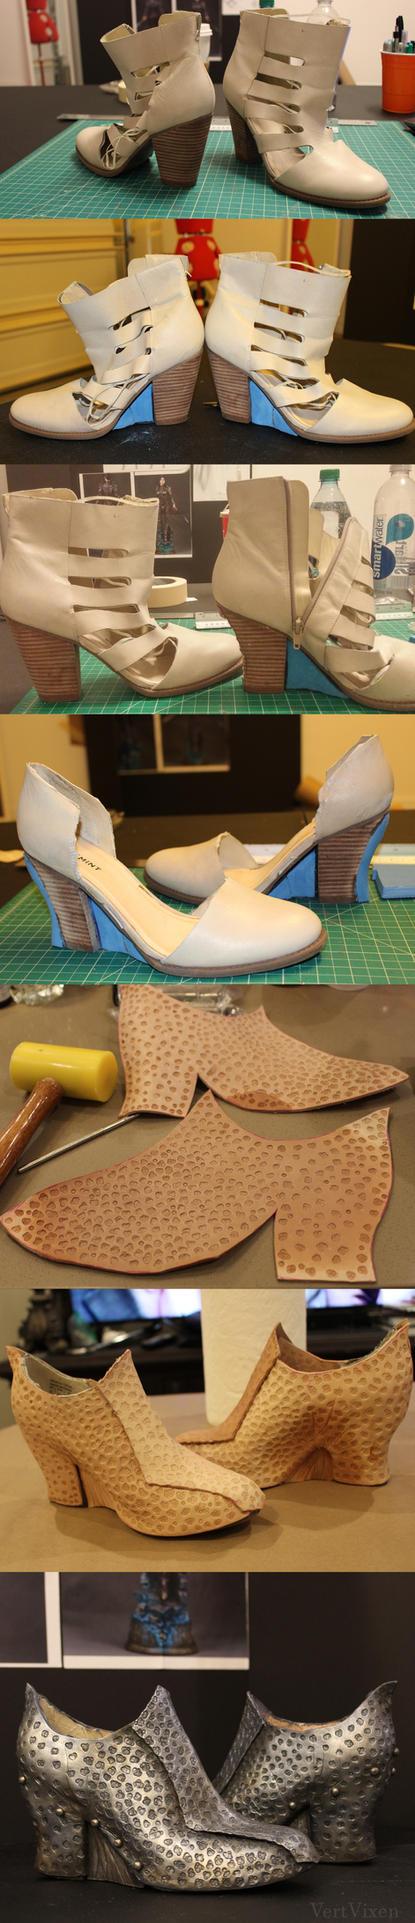 Shard- A Mortal Trespasser : Shoes Progress by Vert-Vixen